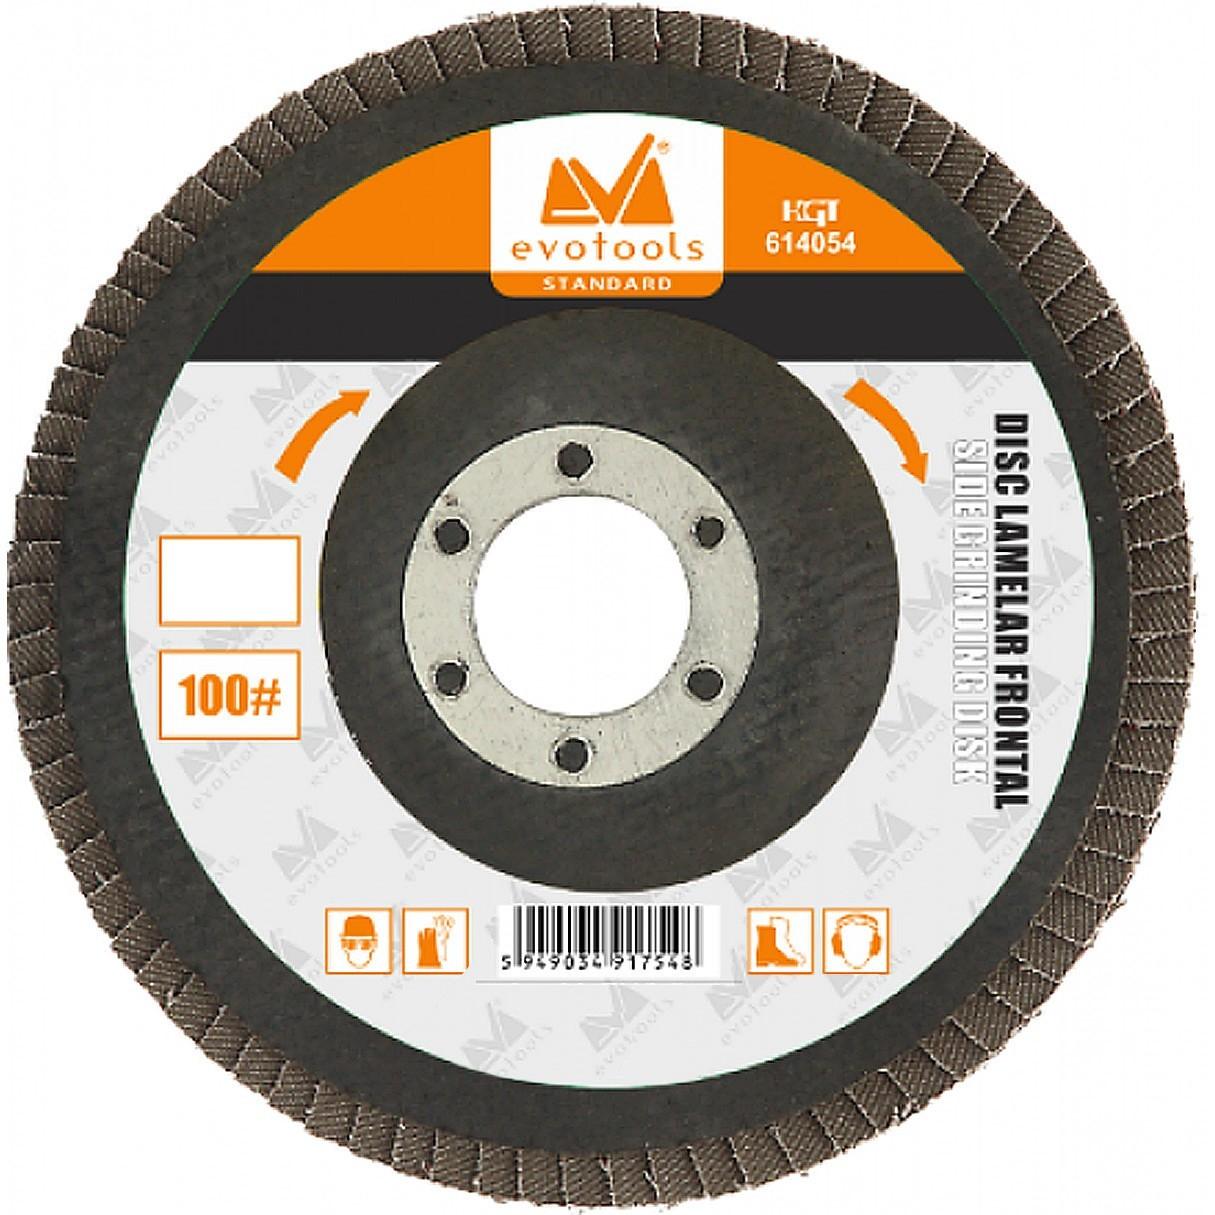 Disc lamelar frontal, D: 125 mm, G: 60 imagine techstar.ro 2021